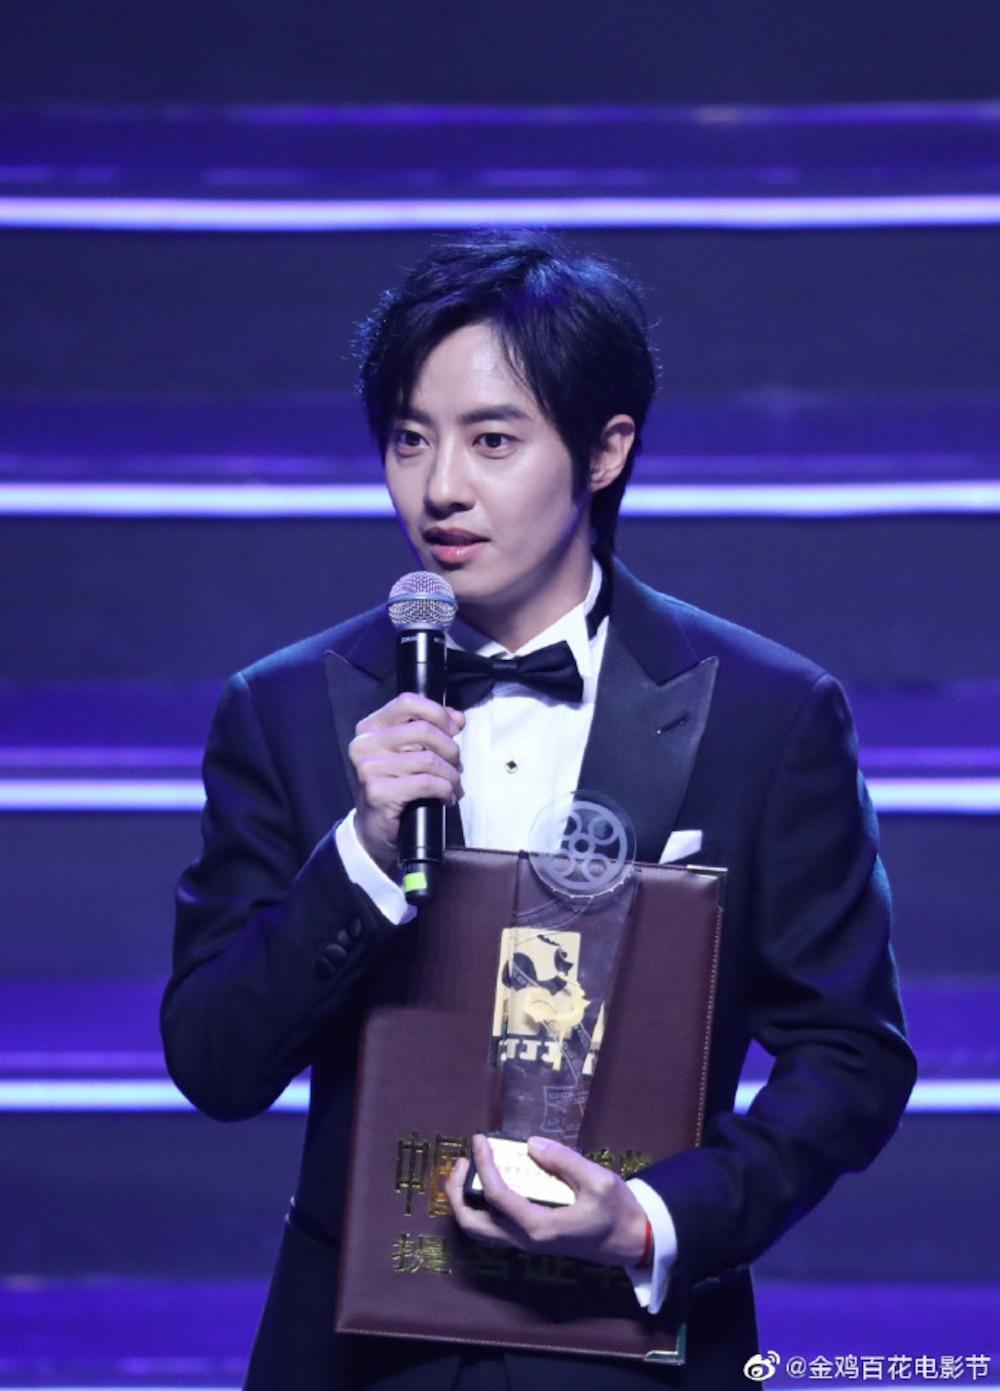 Dịch Dương Thiên Tỉ - Châu Đông Vũ cùng nhận thưởng đề cử, Huỳnh Hiểu Minh phát biểu gây chú ý Ảnh 11